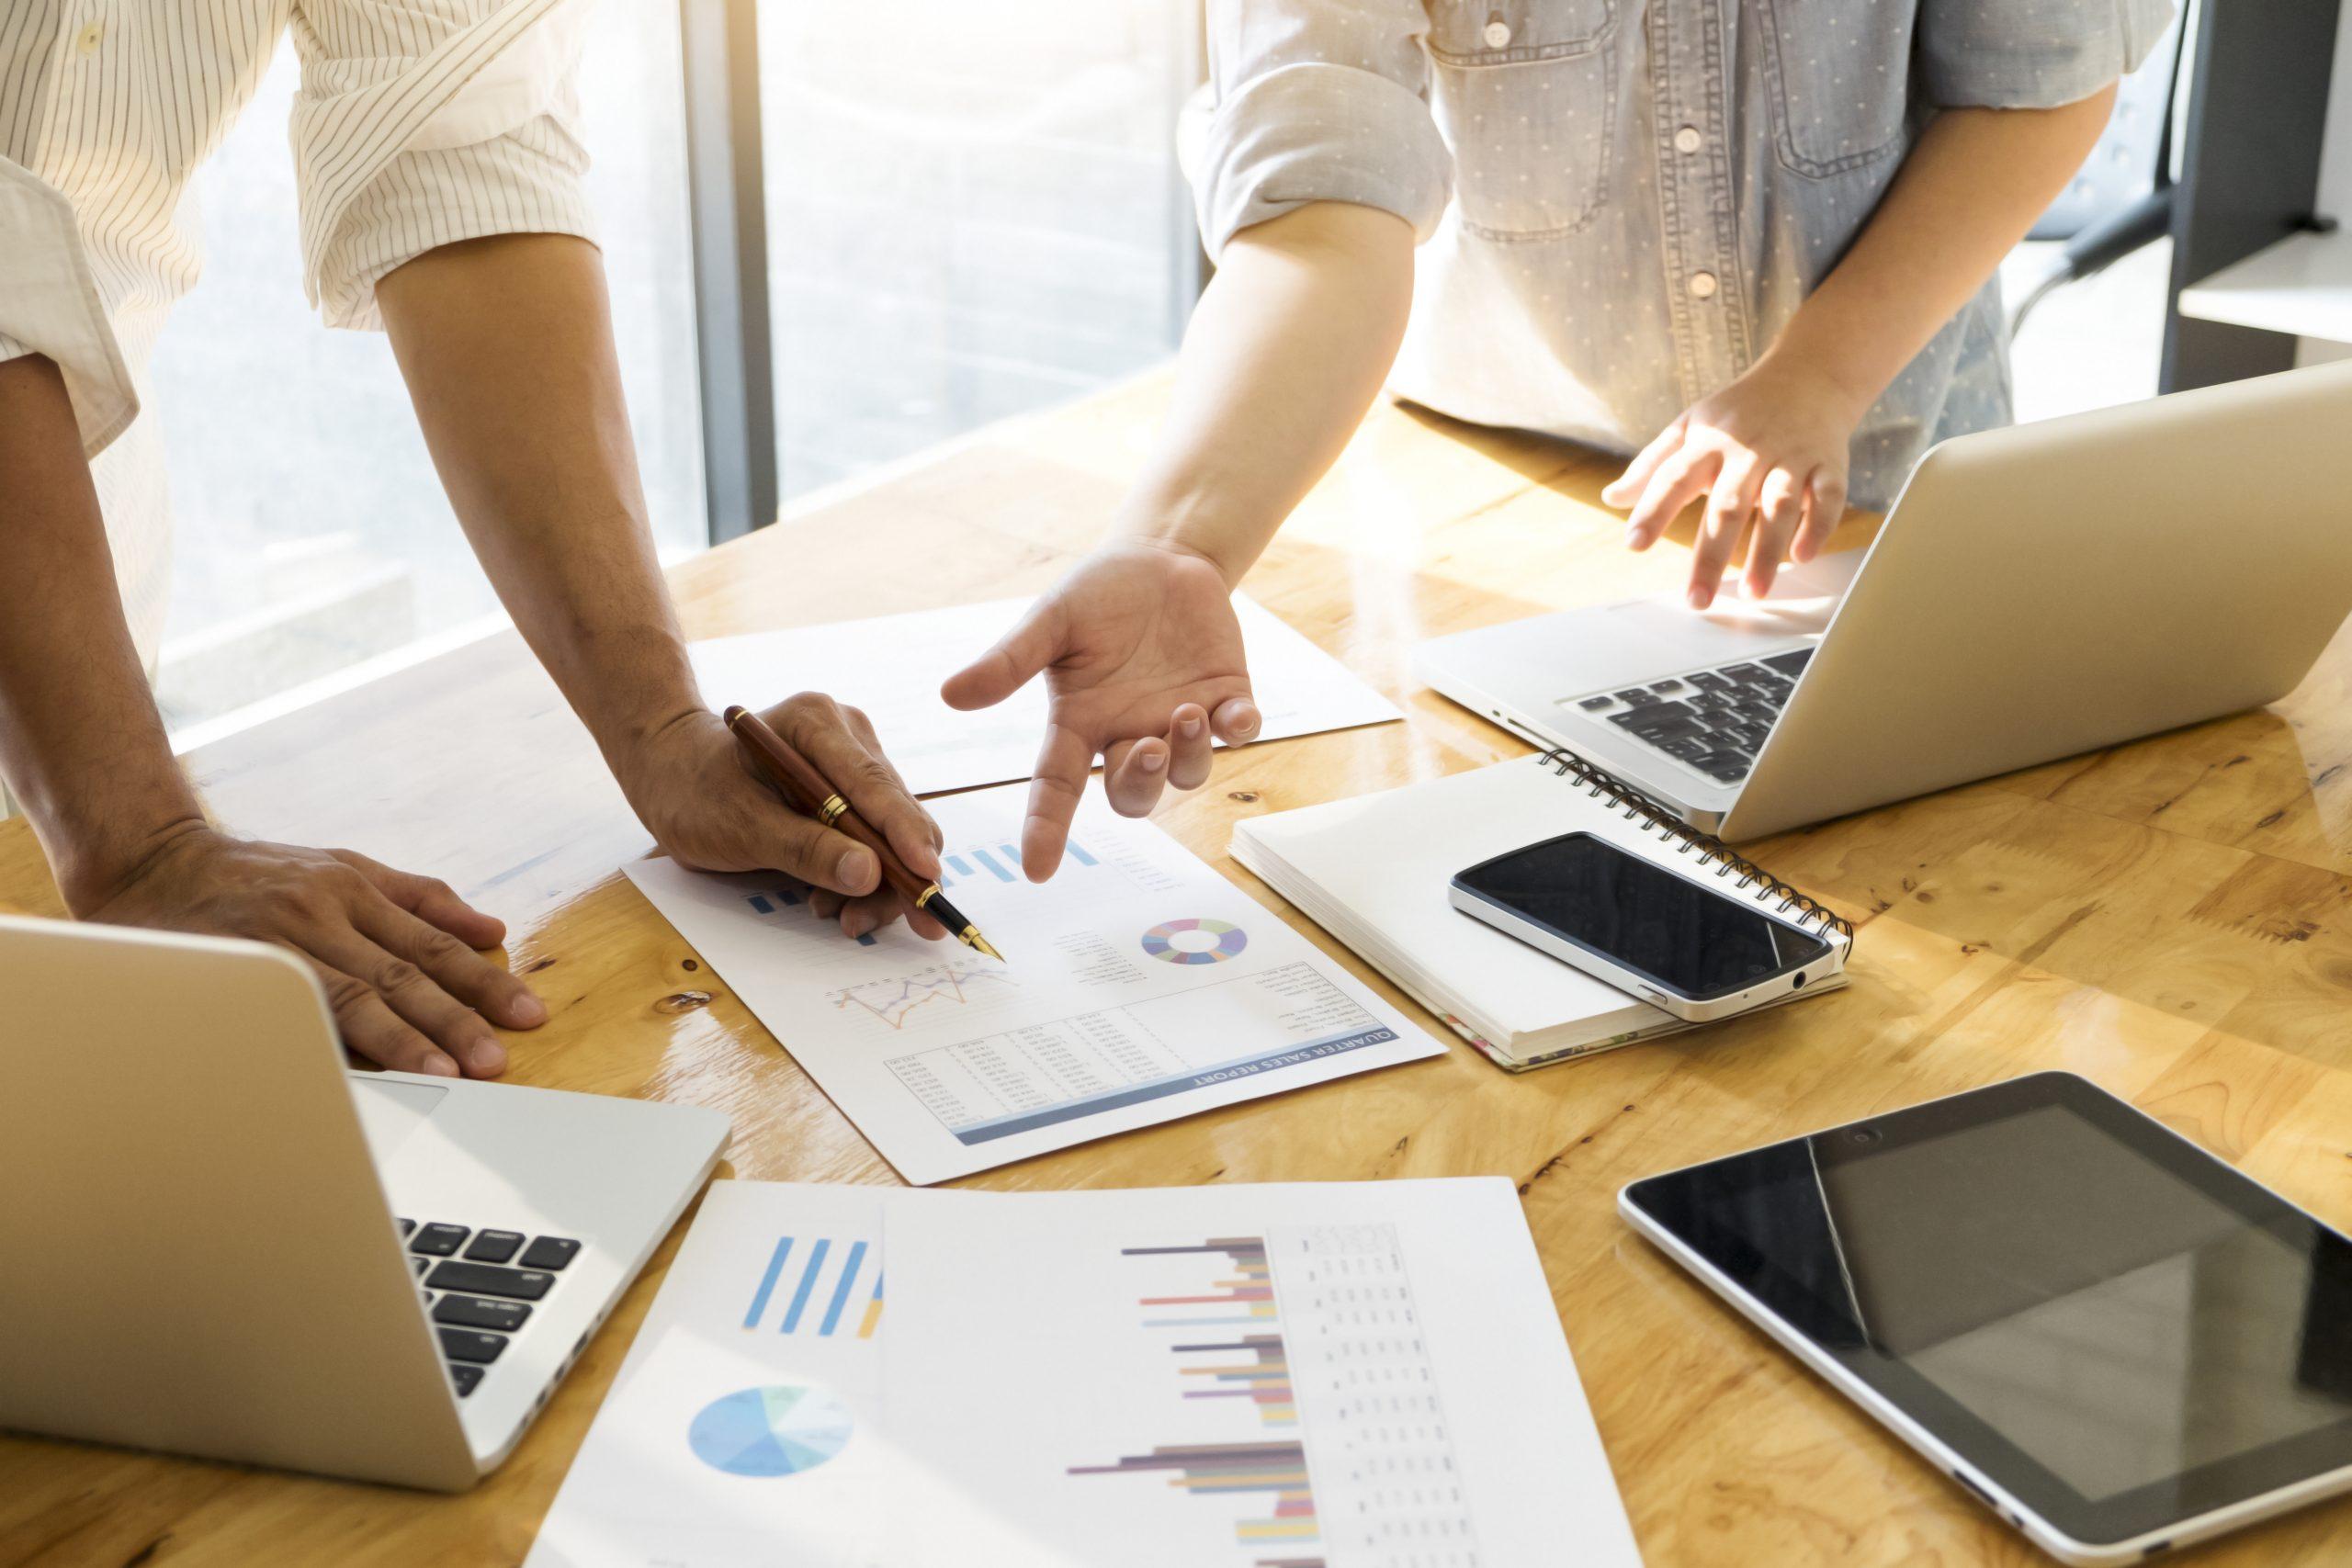 Imagen de marca: Importancia para las empresas